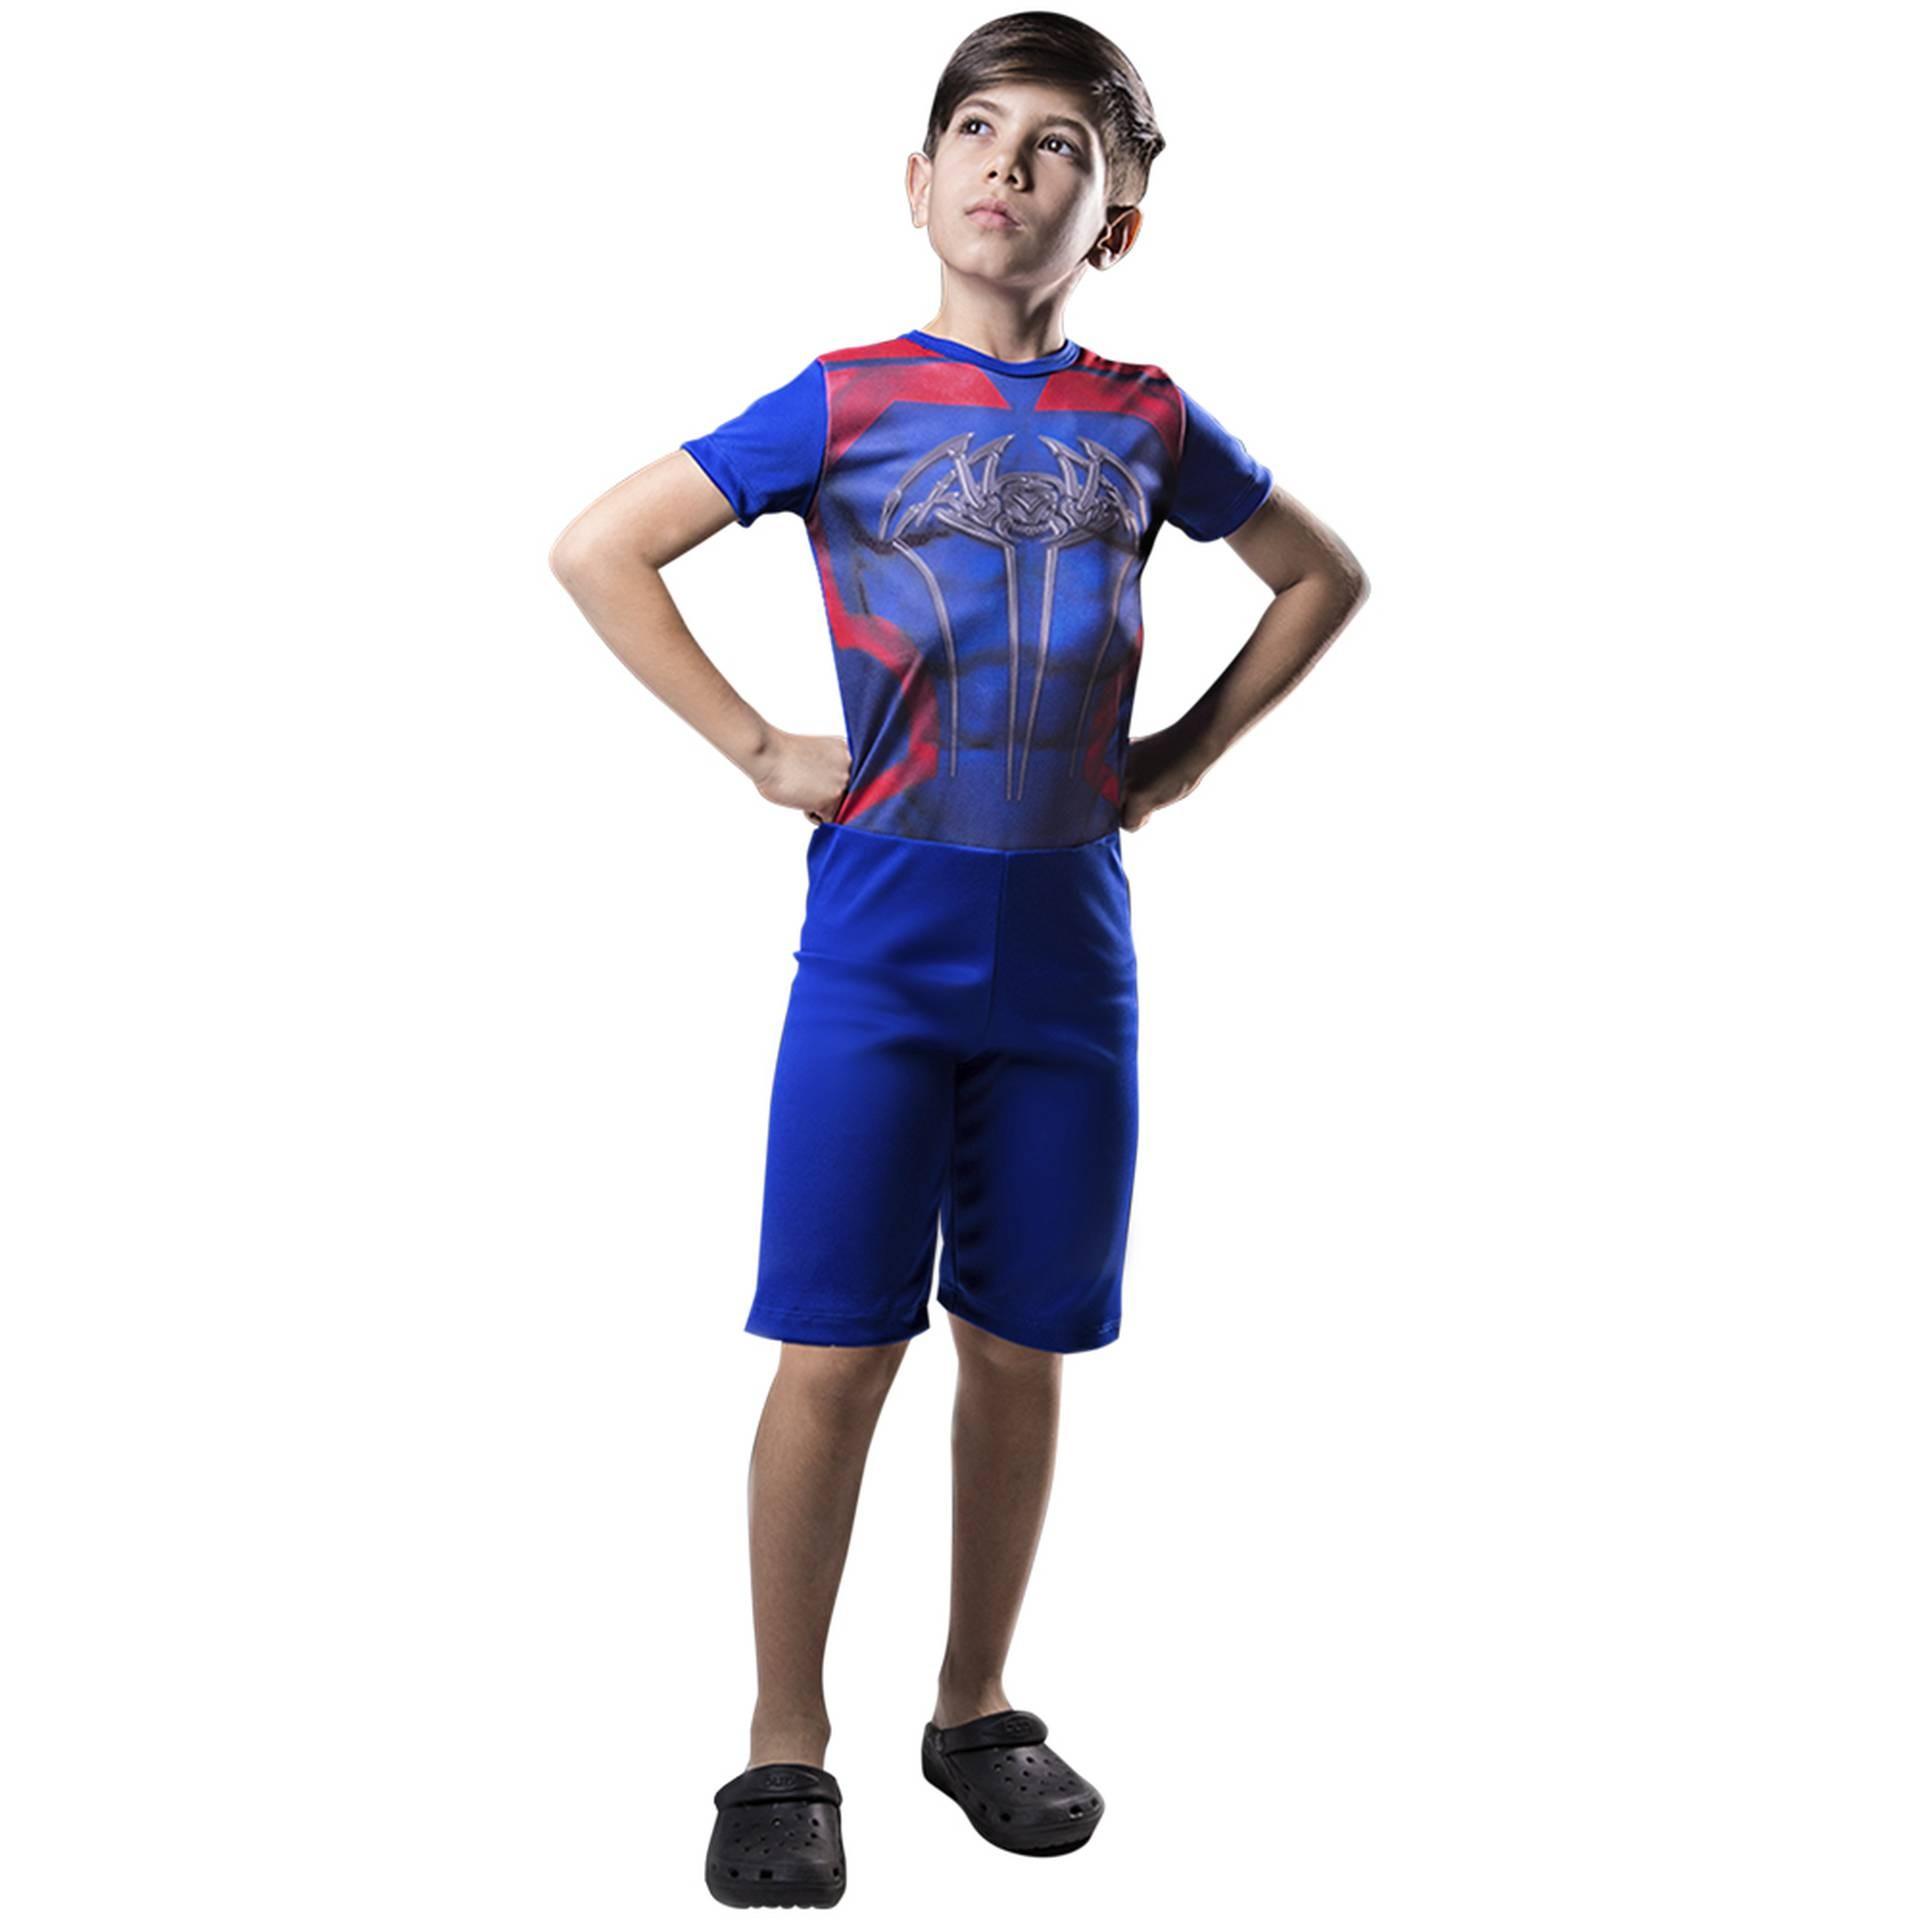 Fantasia de menino caranguejo para meninos